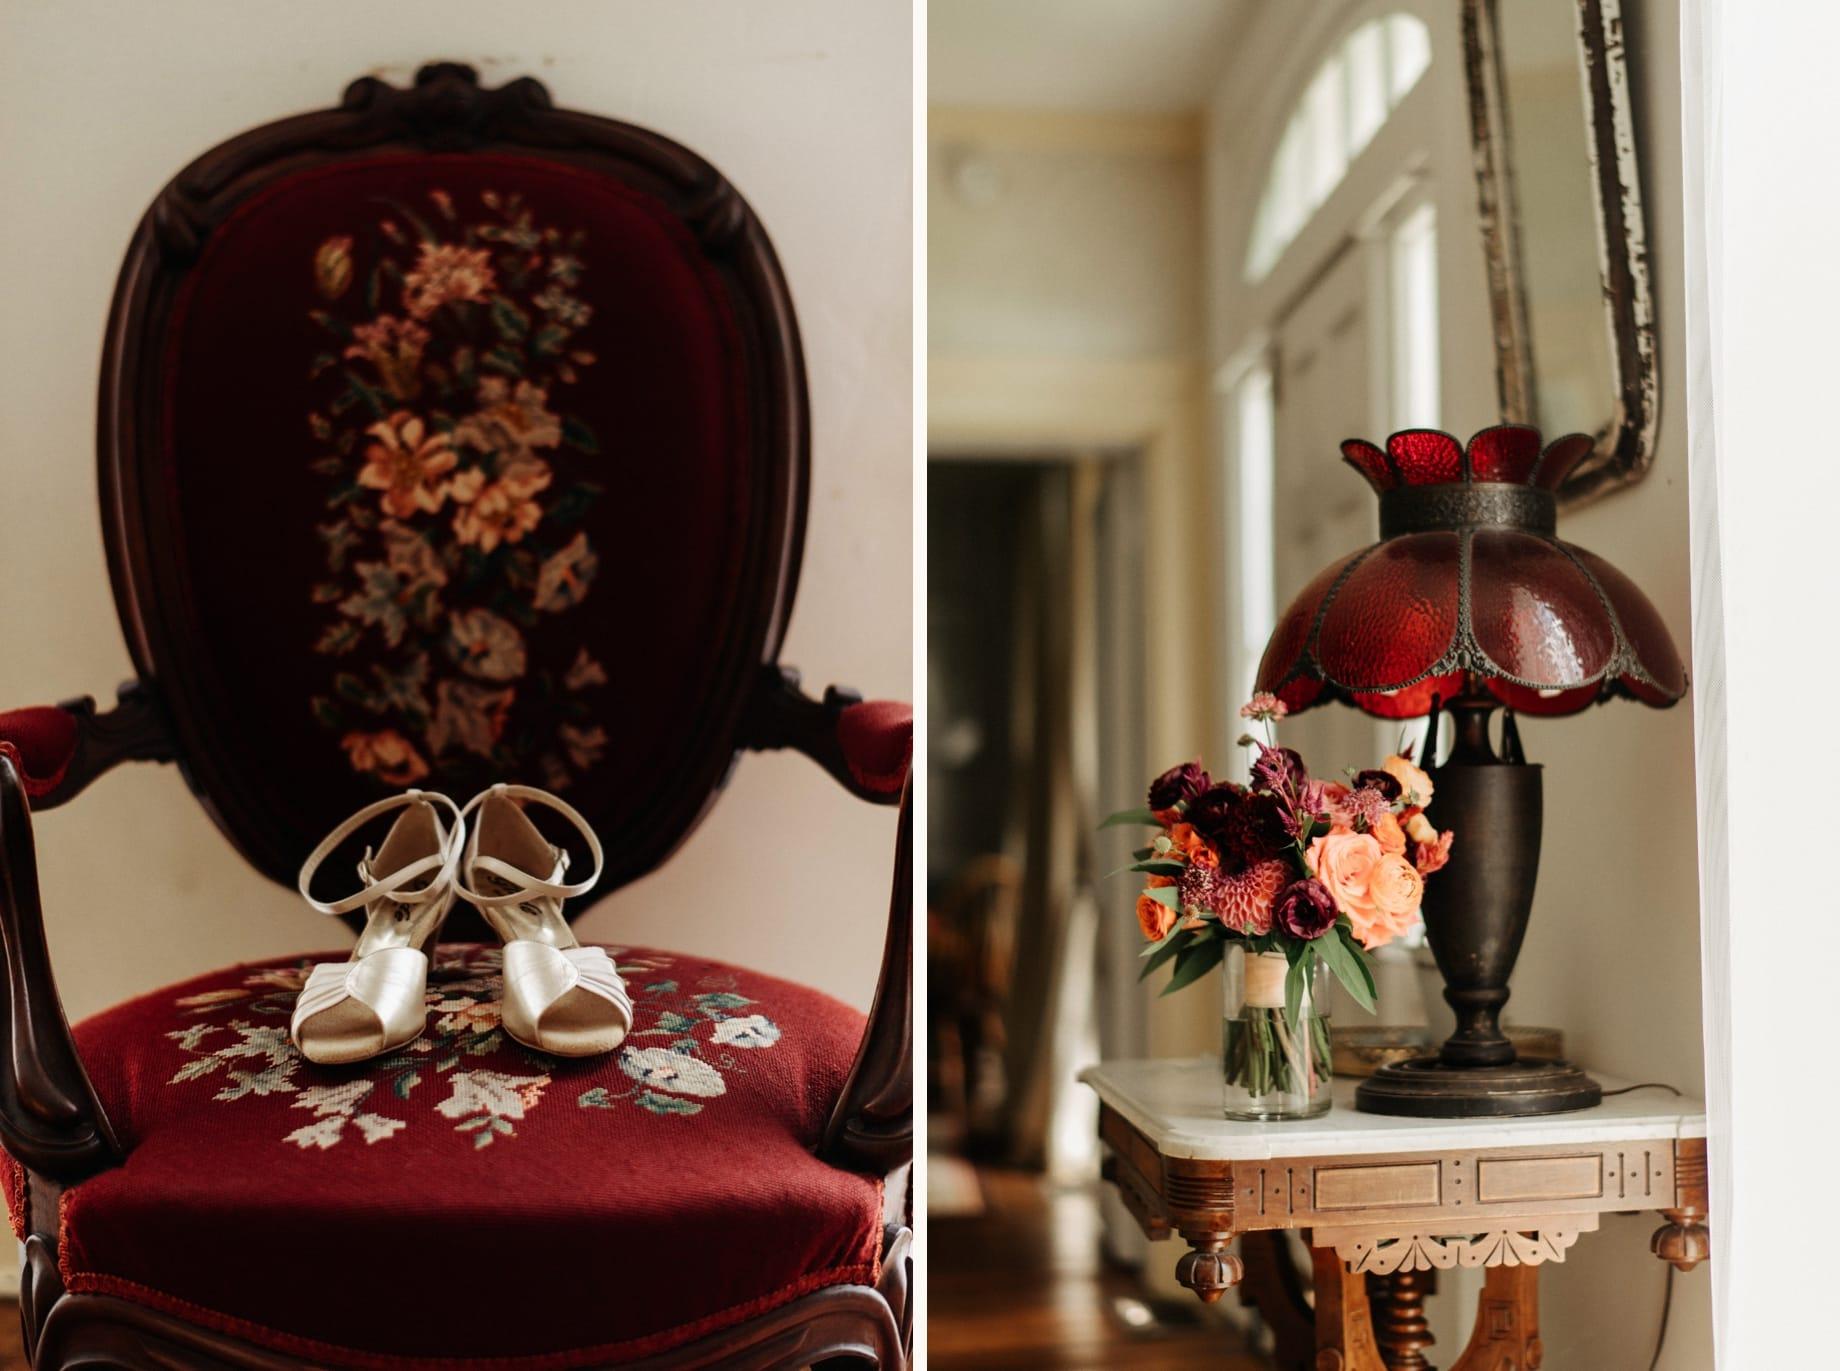 dark red and orange wedding bouquet